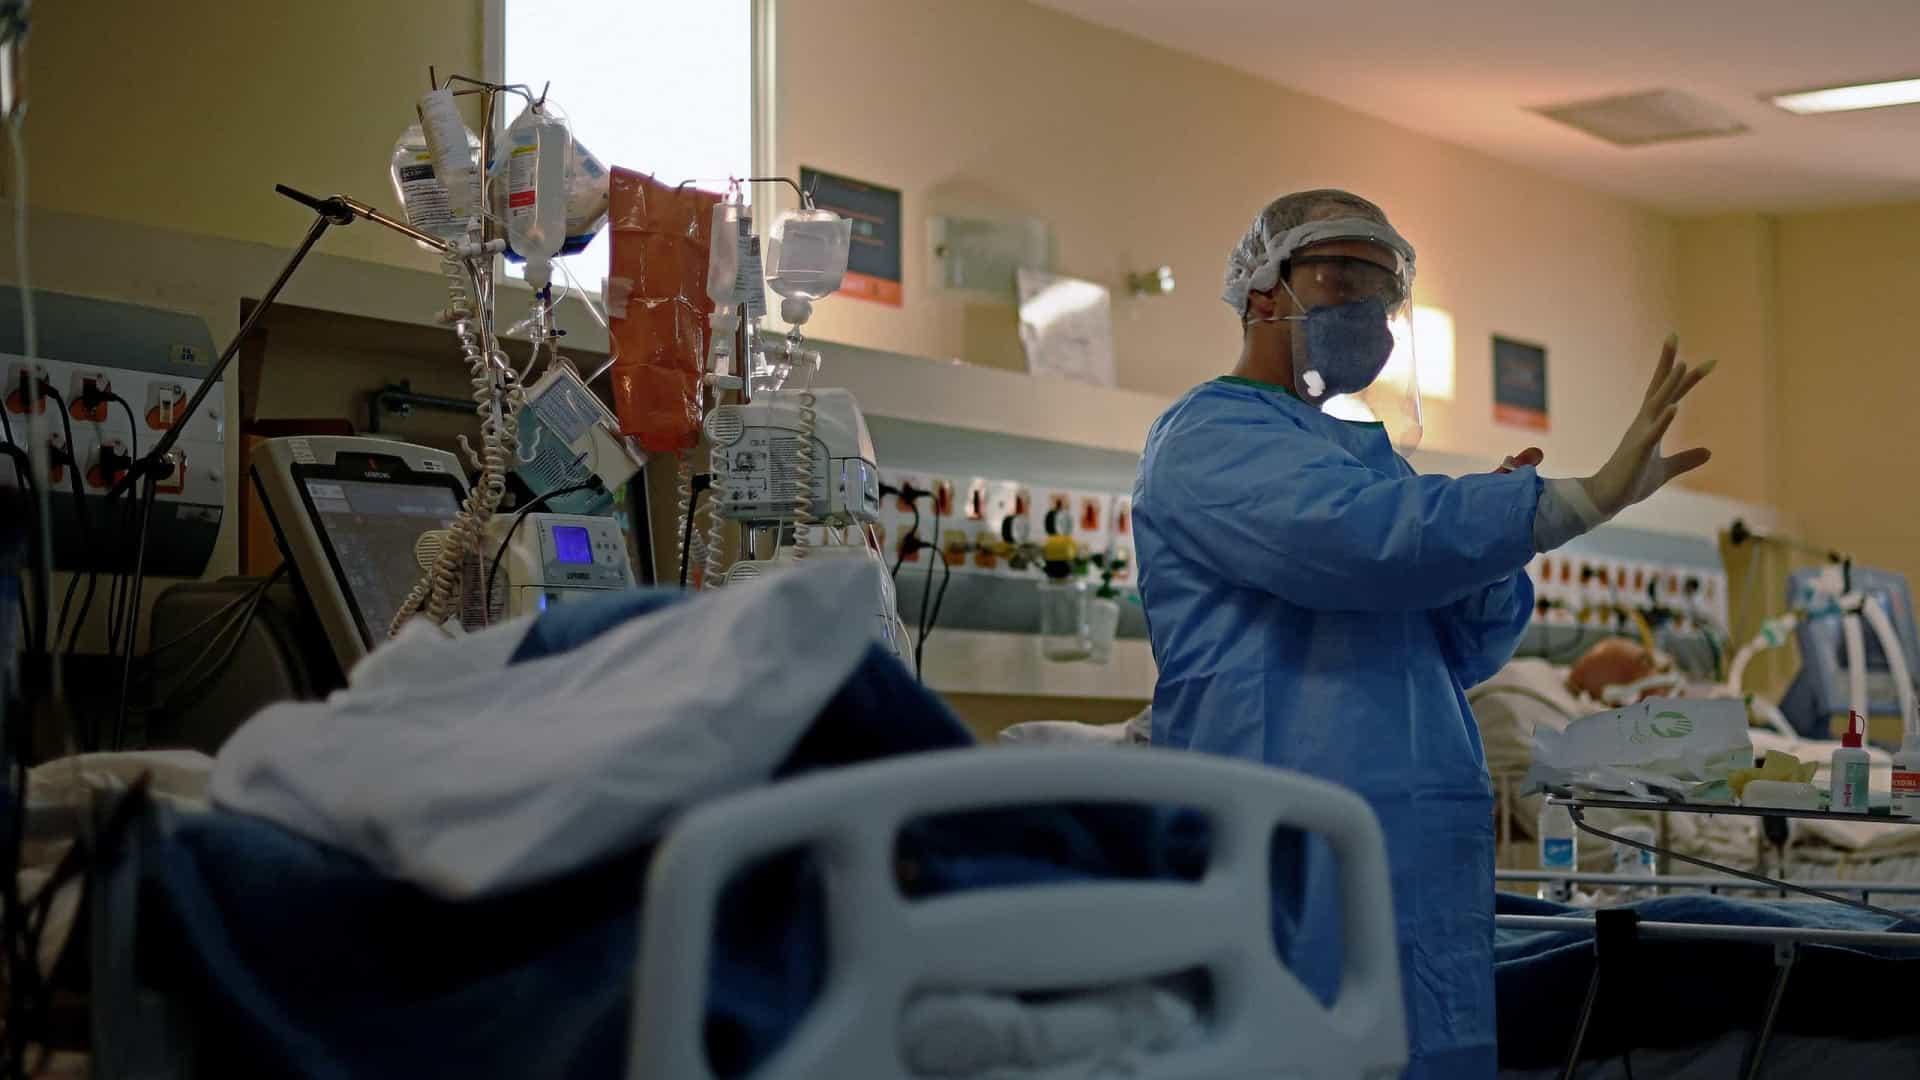 naom 5f0ed700188af - A DOENÇA CONTINUA A CRESCER: medo da Covid-19 está desaparecendo, diz pneumologista